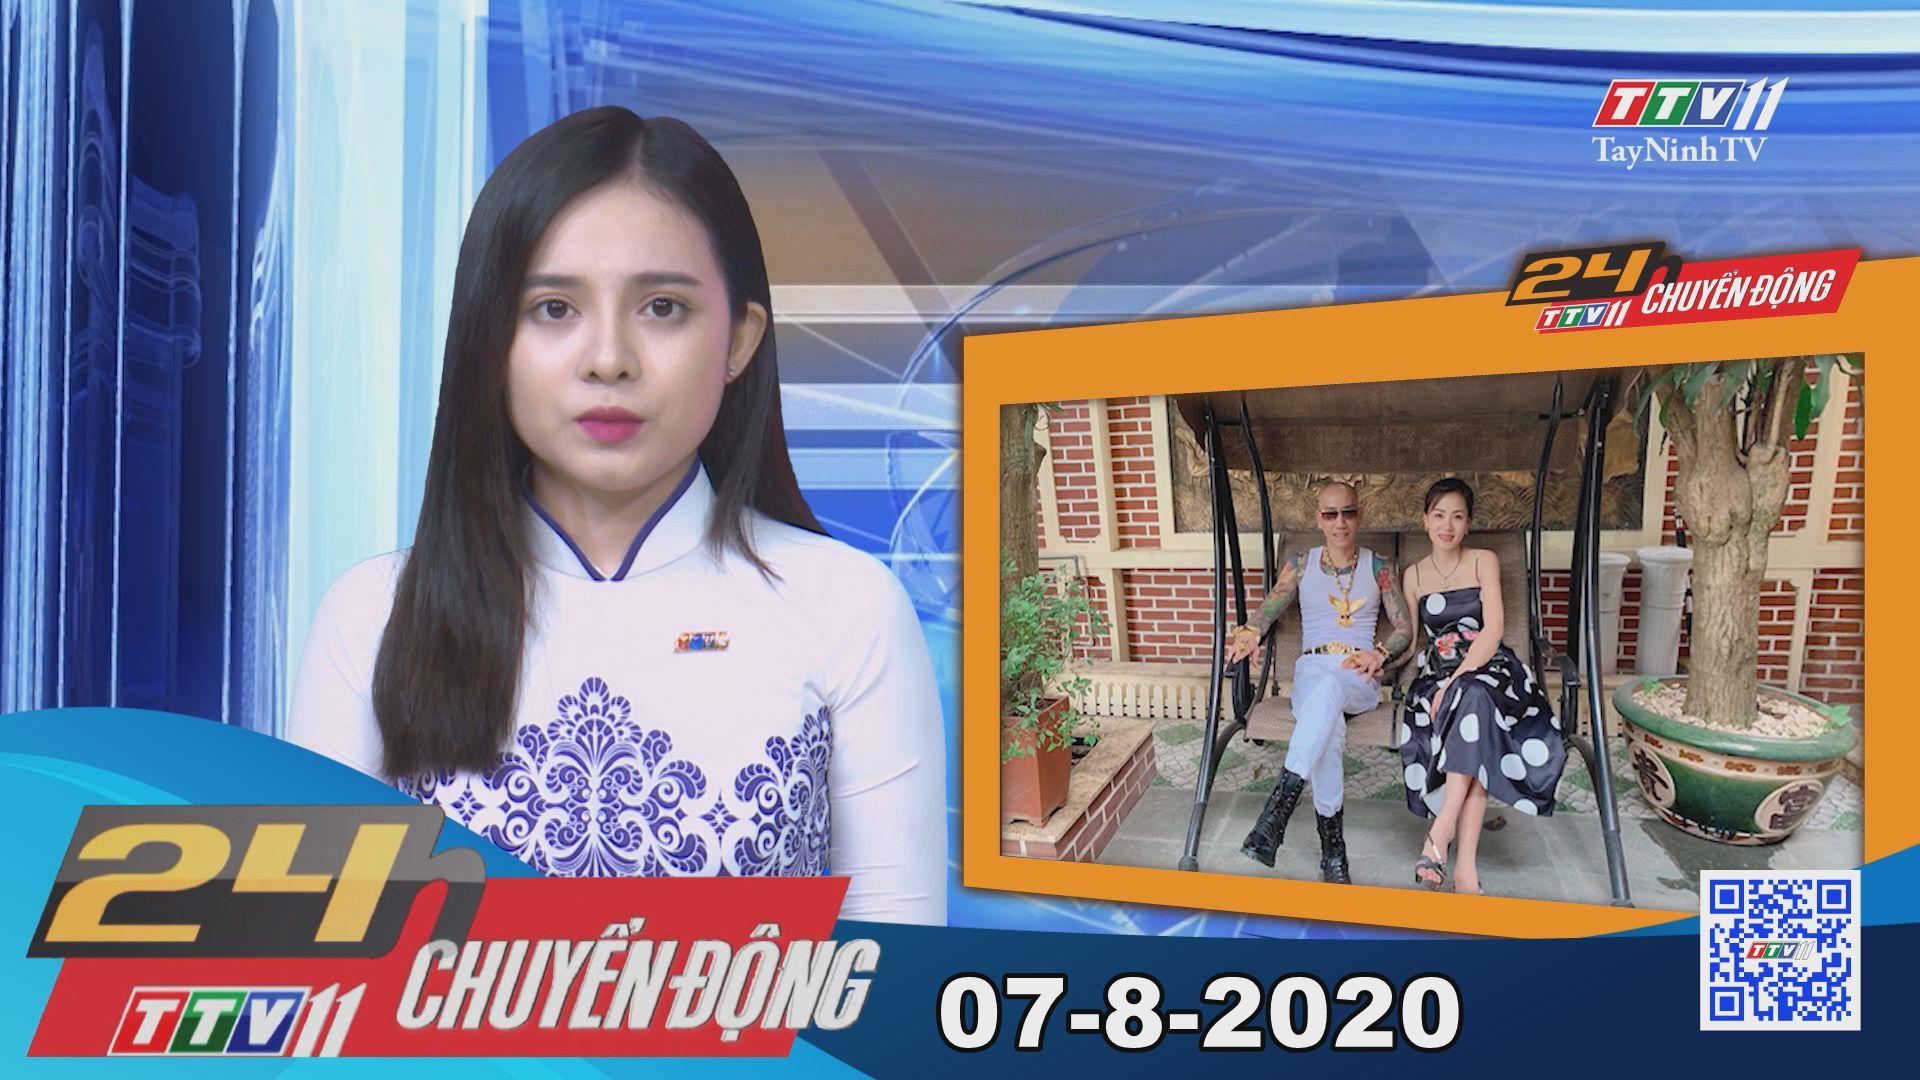 24h Chuyển động 07-8-2020 | Tin tức hôm nay | TayNinhTV